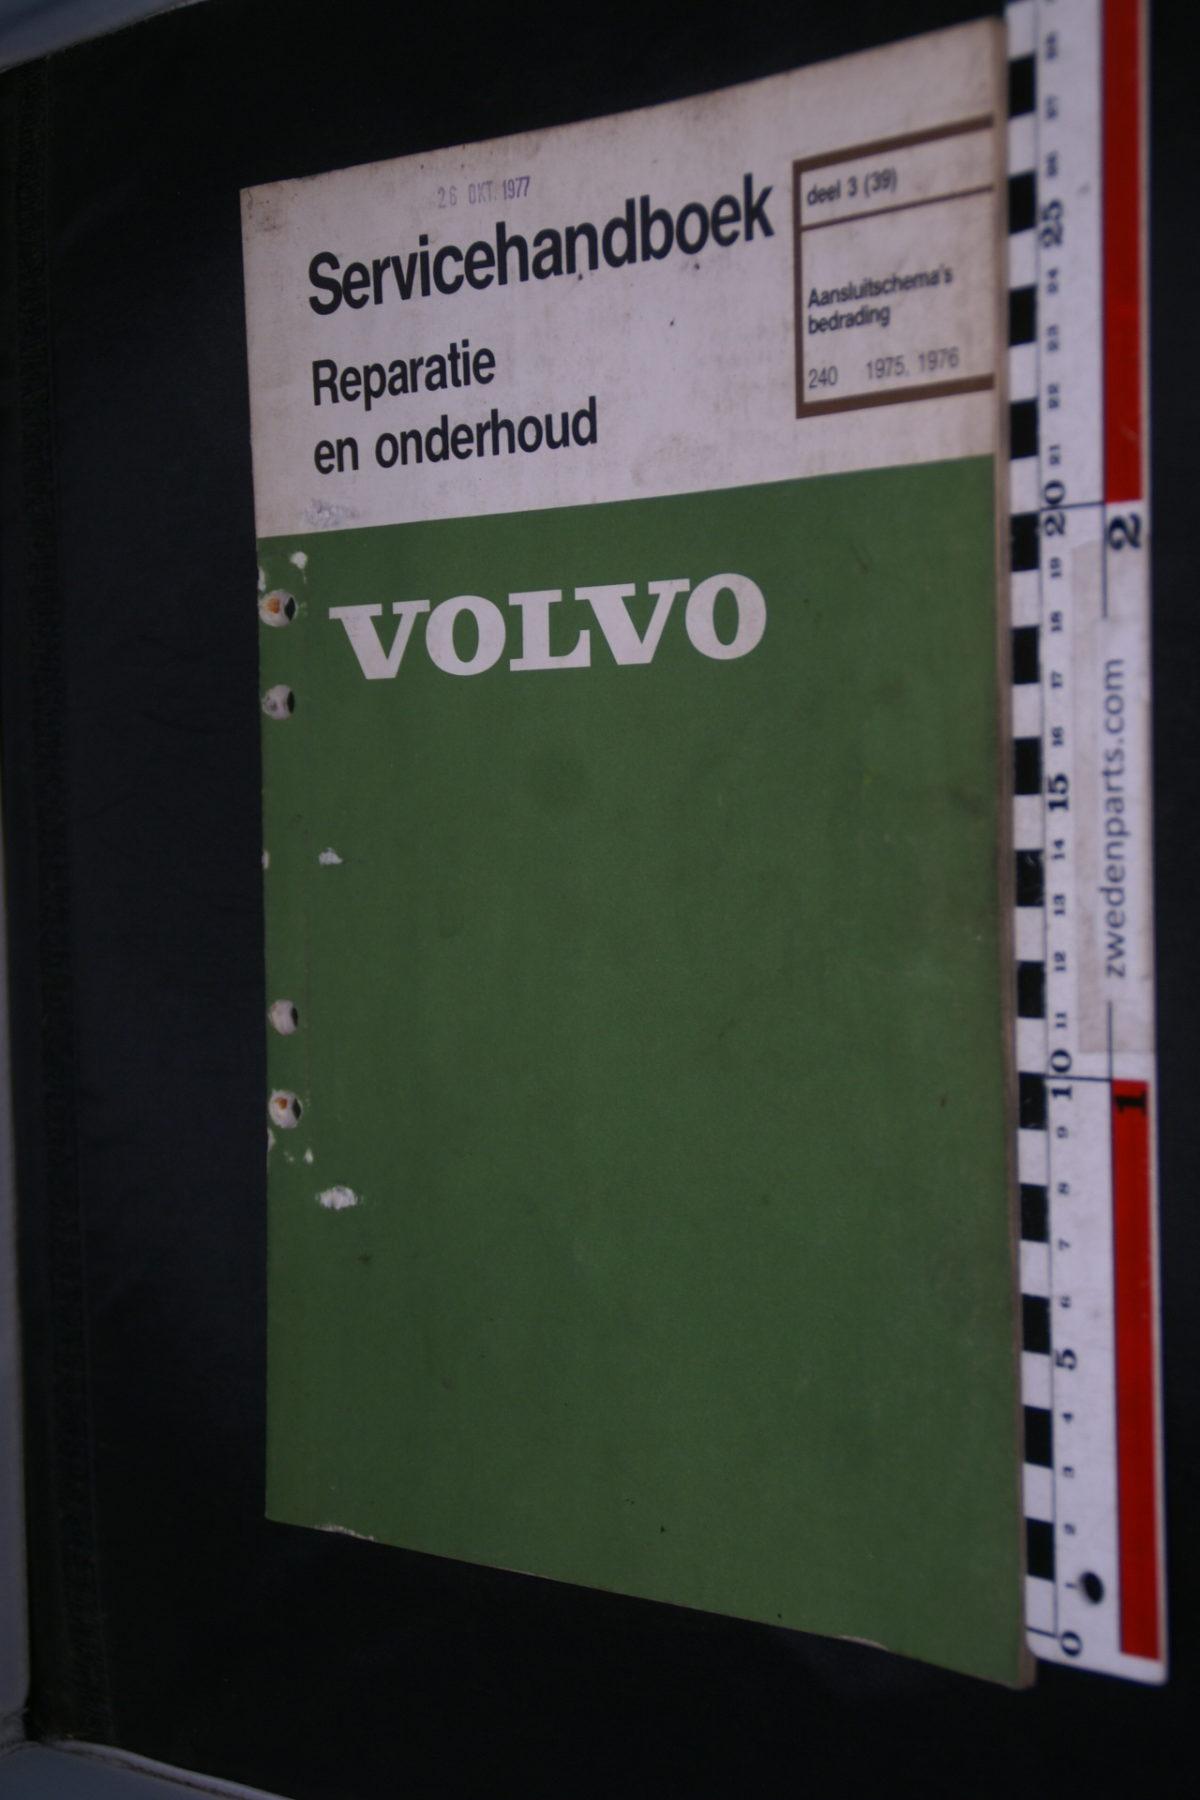 DSC08455 1977 origineel Volvo 240 servicehandboek  3 (39) bedradingsschema 1 van 750 TP 11098-2